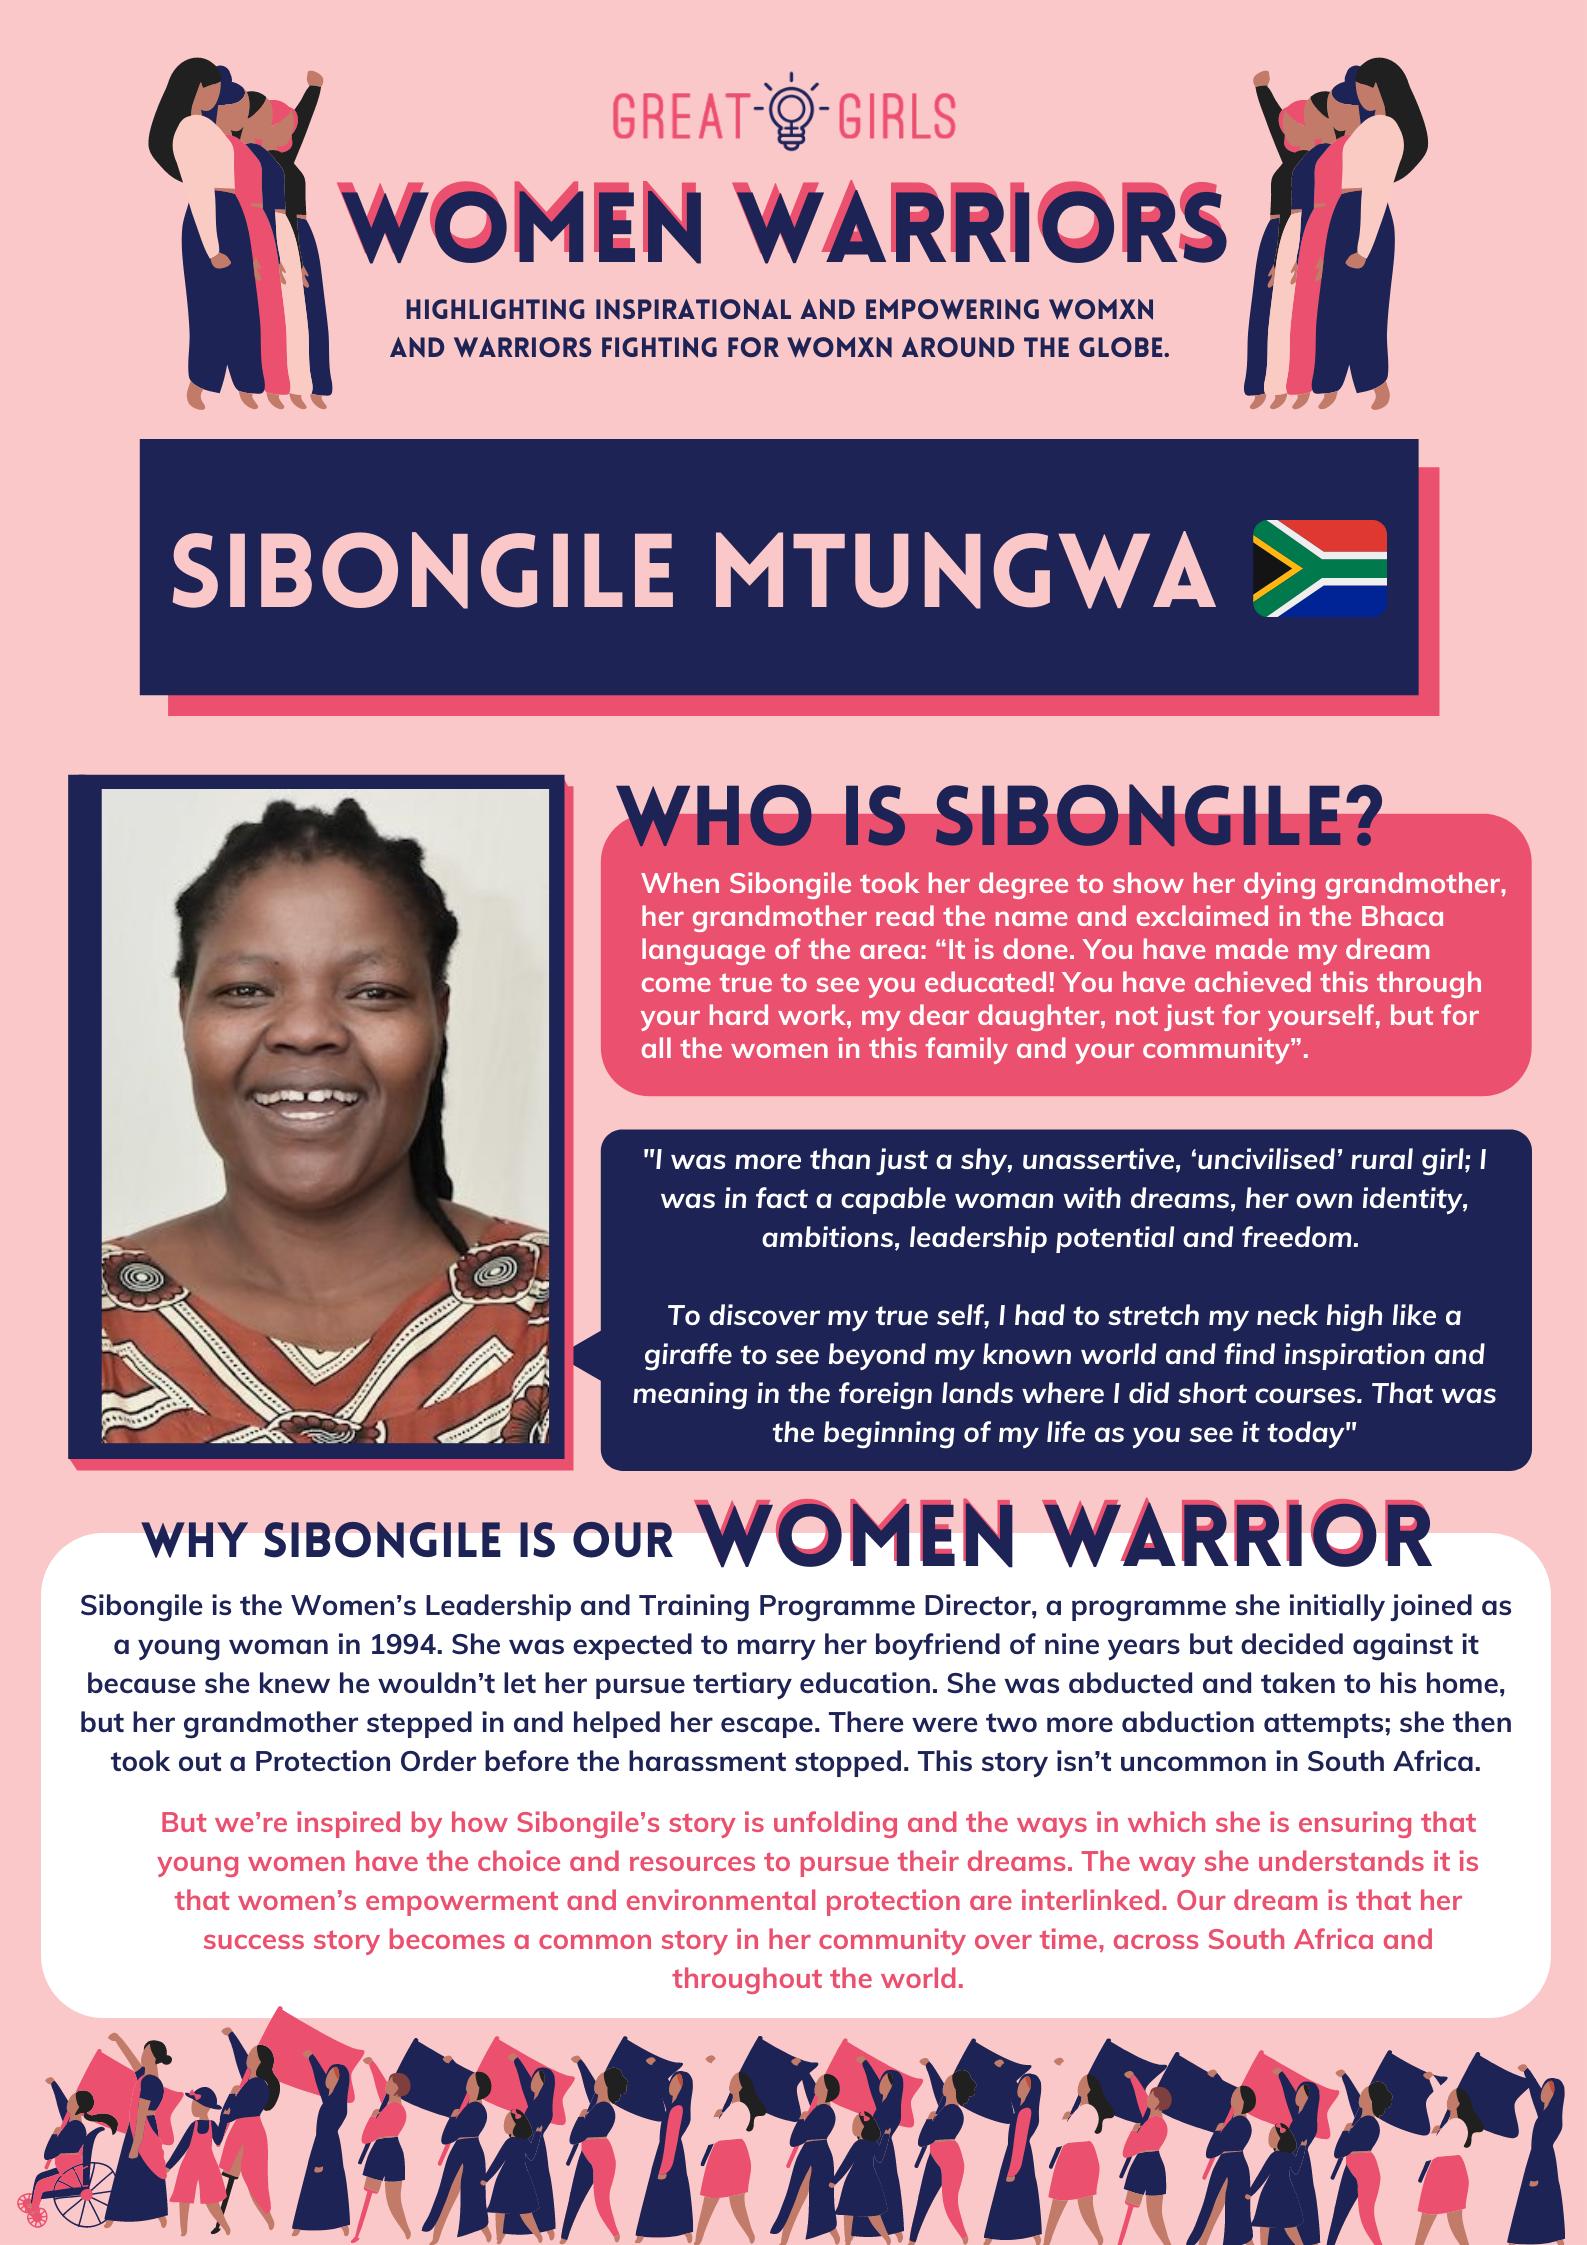 Women Warrior - Sibongile Mtungwa